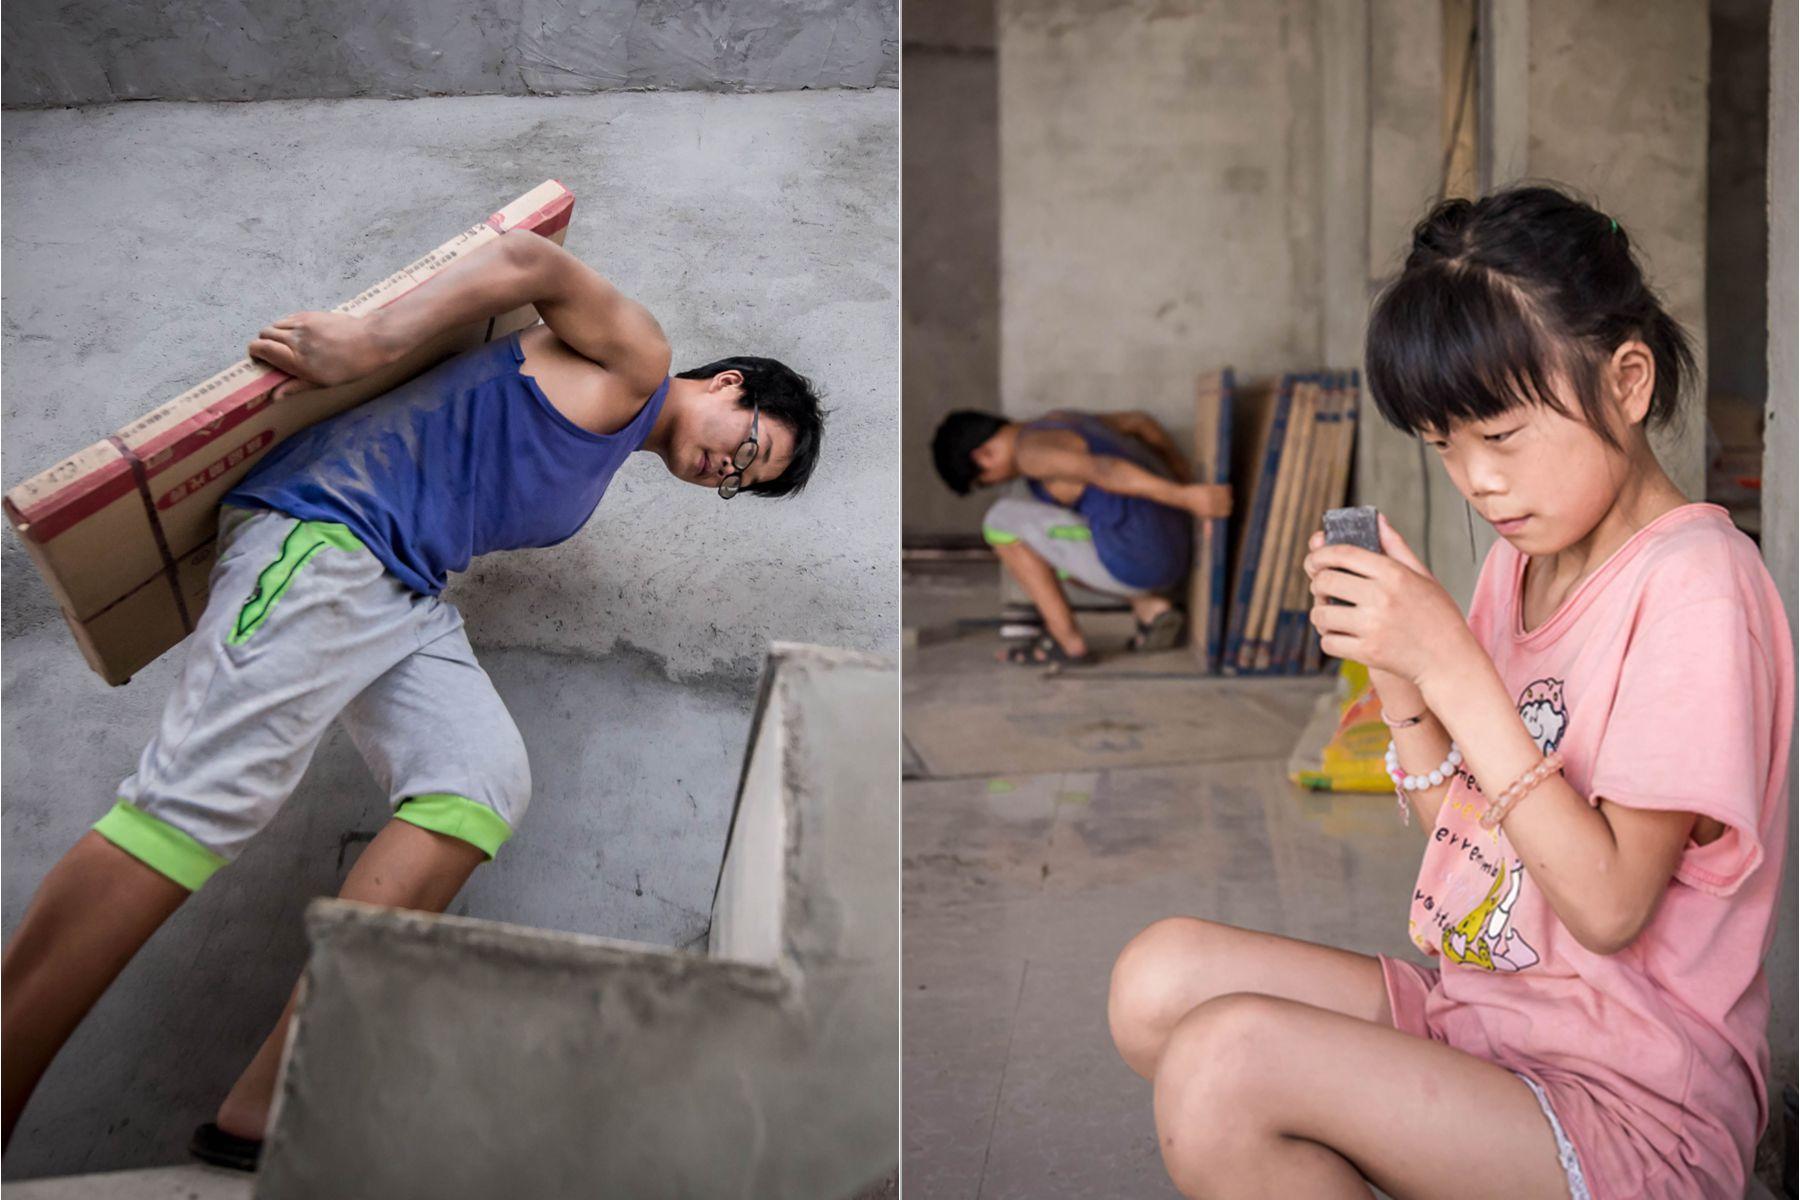 http://himg2.huanqiu.com/attachment2010/2017/0710/07/19/20170710071927596.jpg